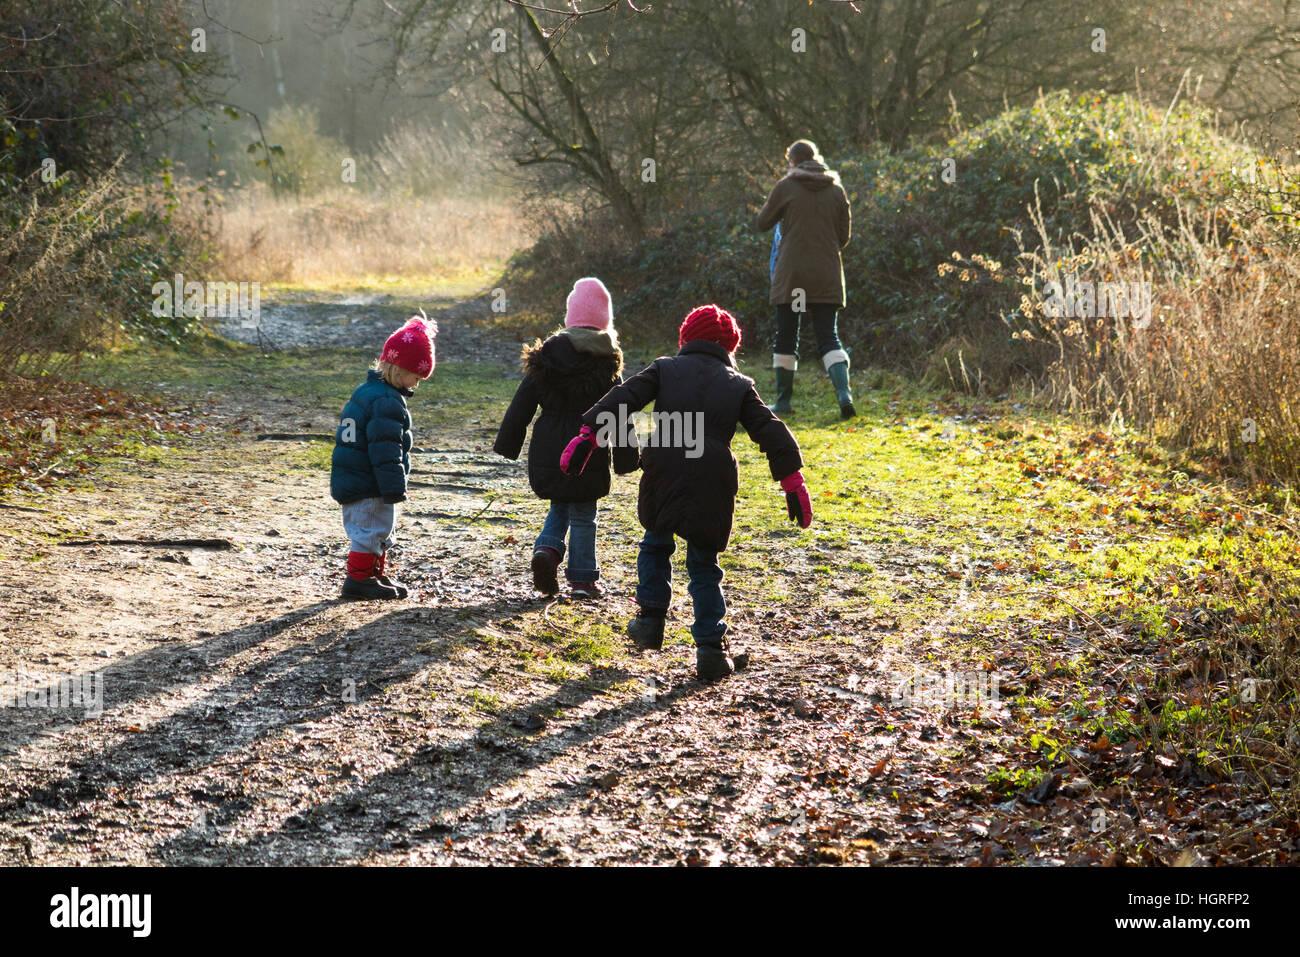 Madre e 3 Bambini 3 bambini figlie camminando / a piedi lungo il sentiero fangoso / nel fango sul marciapiede sentiero Immagini Stock